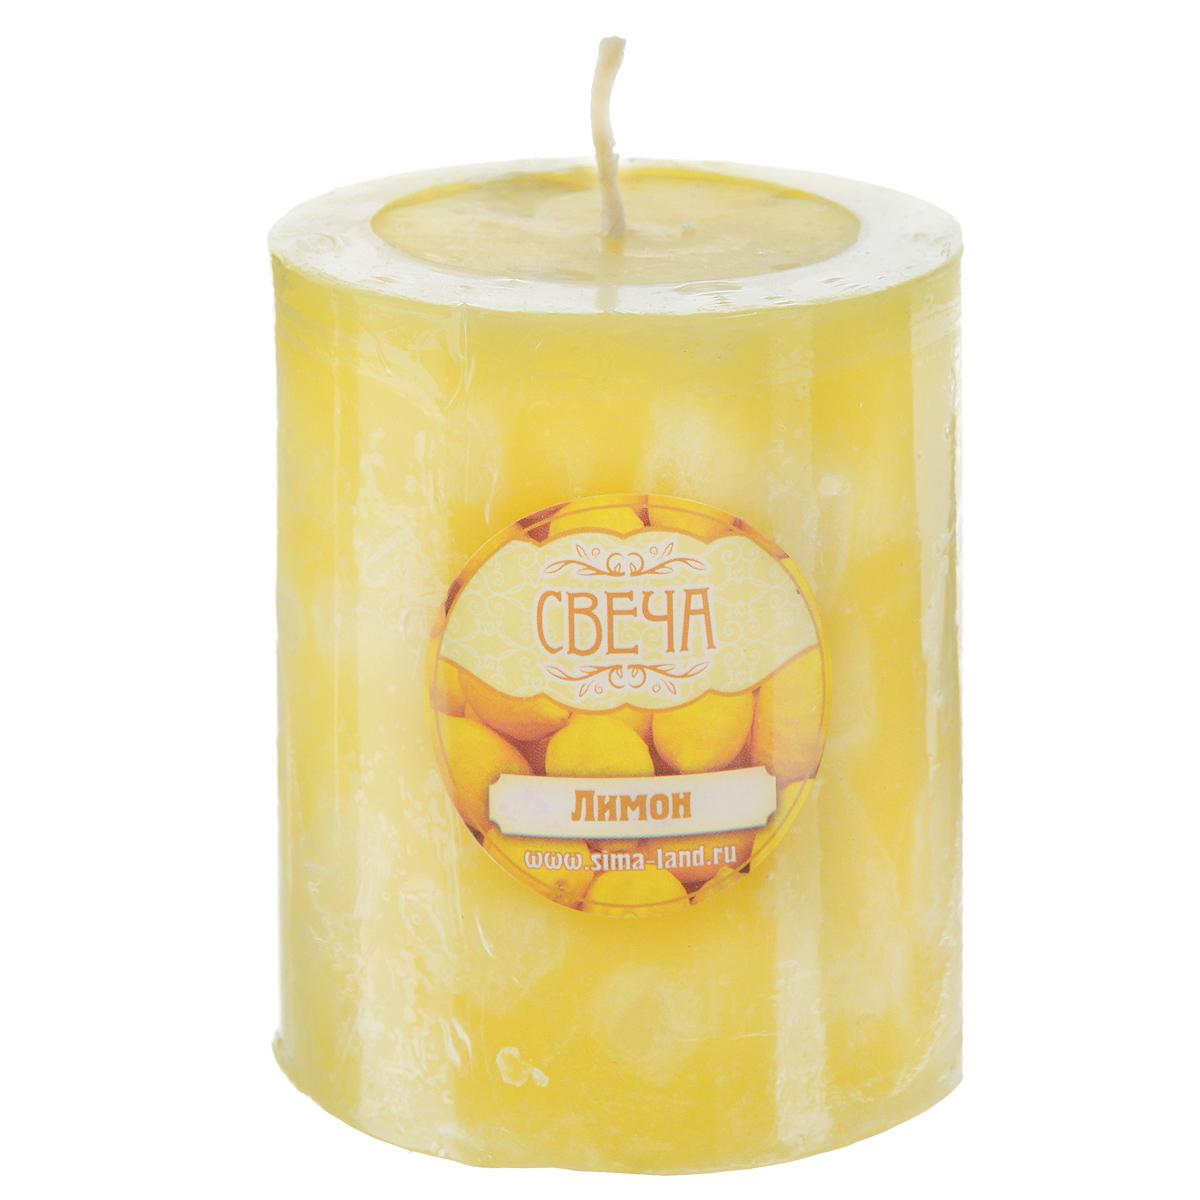 Свеча ароматизированная Sima-land Лимон, высота 7,5 см25051 7_желтыйСвеча Sima-land Лимон выполнена из воска в виде столбика. Изделие порадует ярким дизайном и сочным ароматом лимона, который понравится как женщинам, так и мужчинам. Создайте для себя и своих близких незабываемую атмосферу праздника в доме. Ароматическая свеча Sima-land Лимон может стать не только отличным подарком, но и гарантией хорошего настроения, ведь это красивая вещь из качественного, безопасного для здоровья материала.